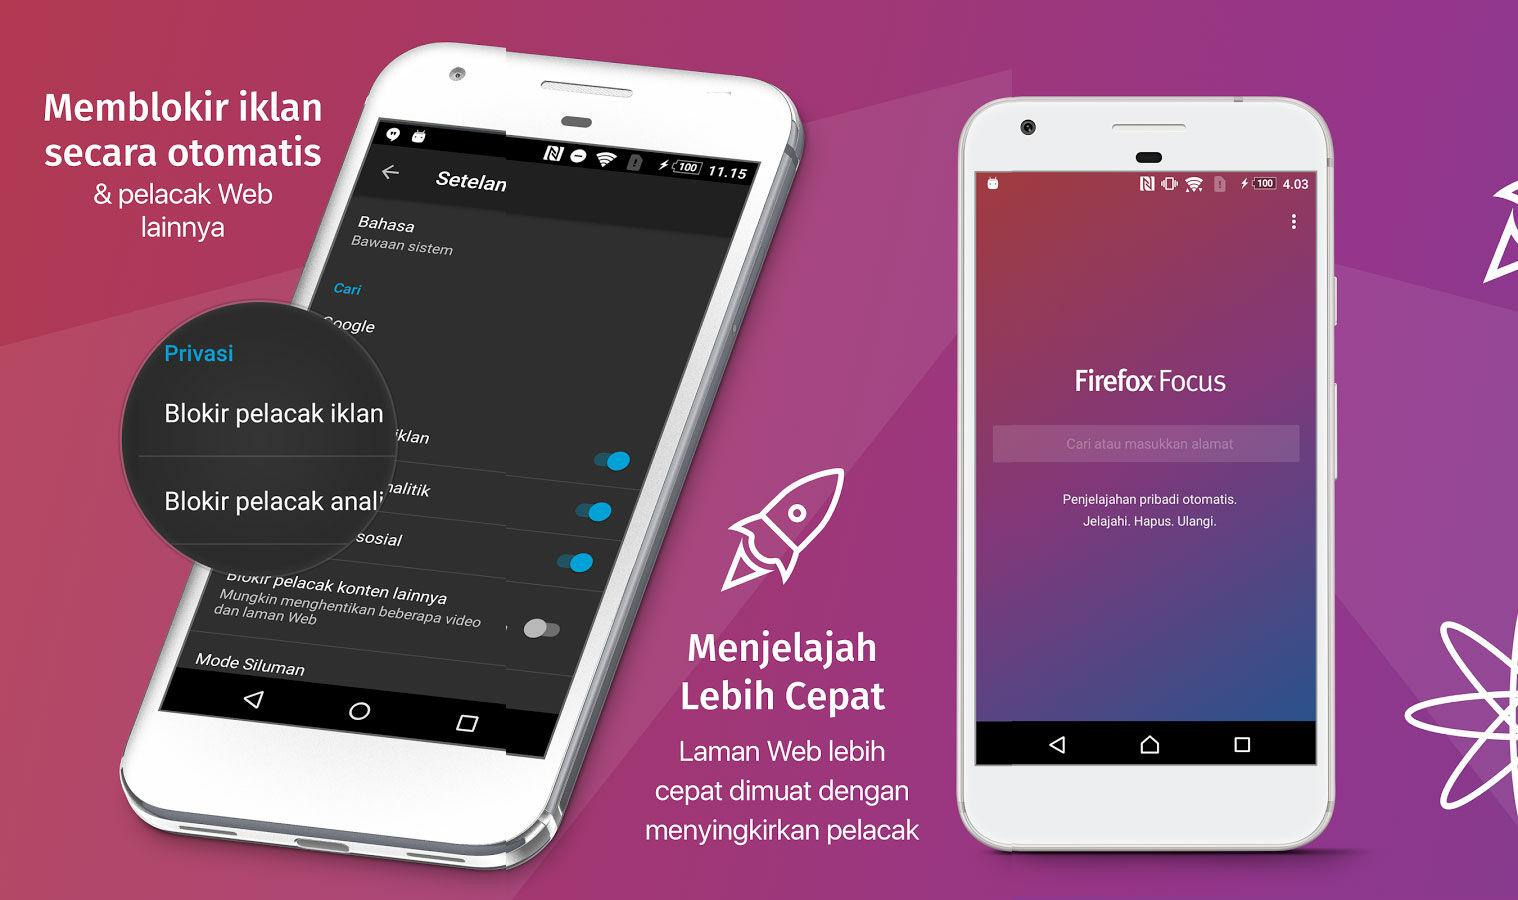 Cara Browsing Dengan Aman Di Android Dengan Firefox Focus